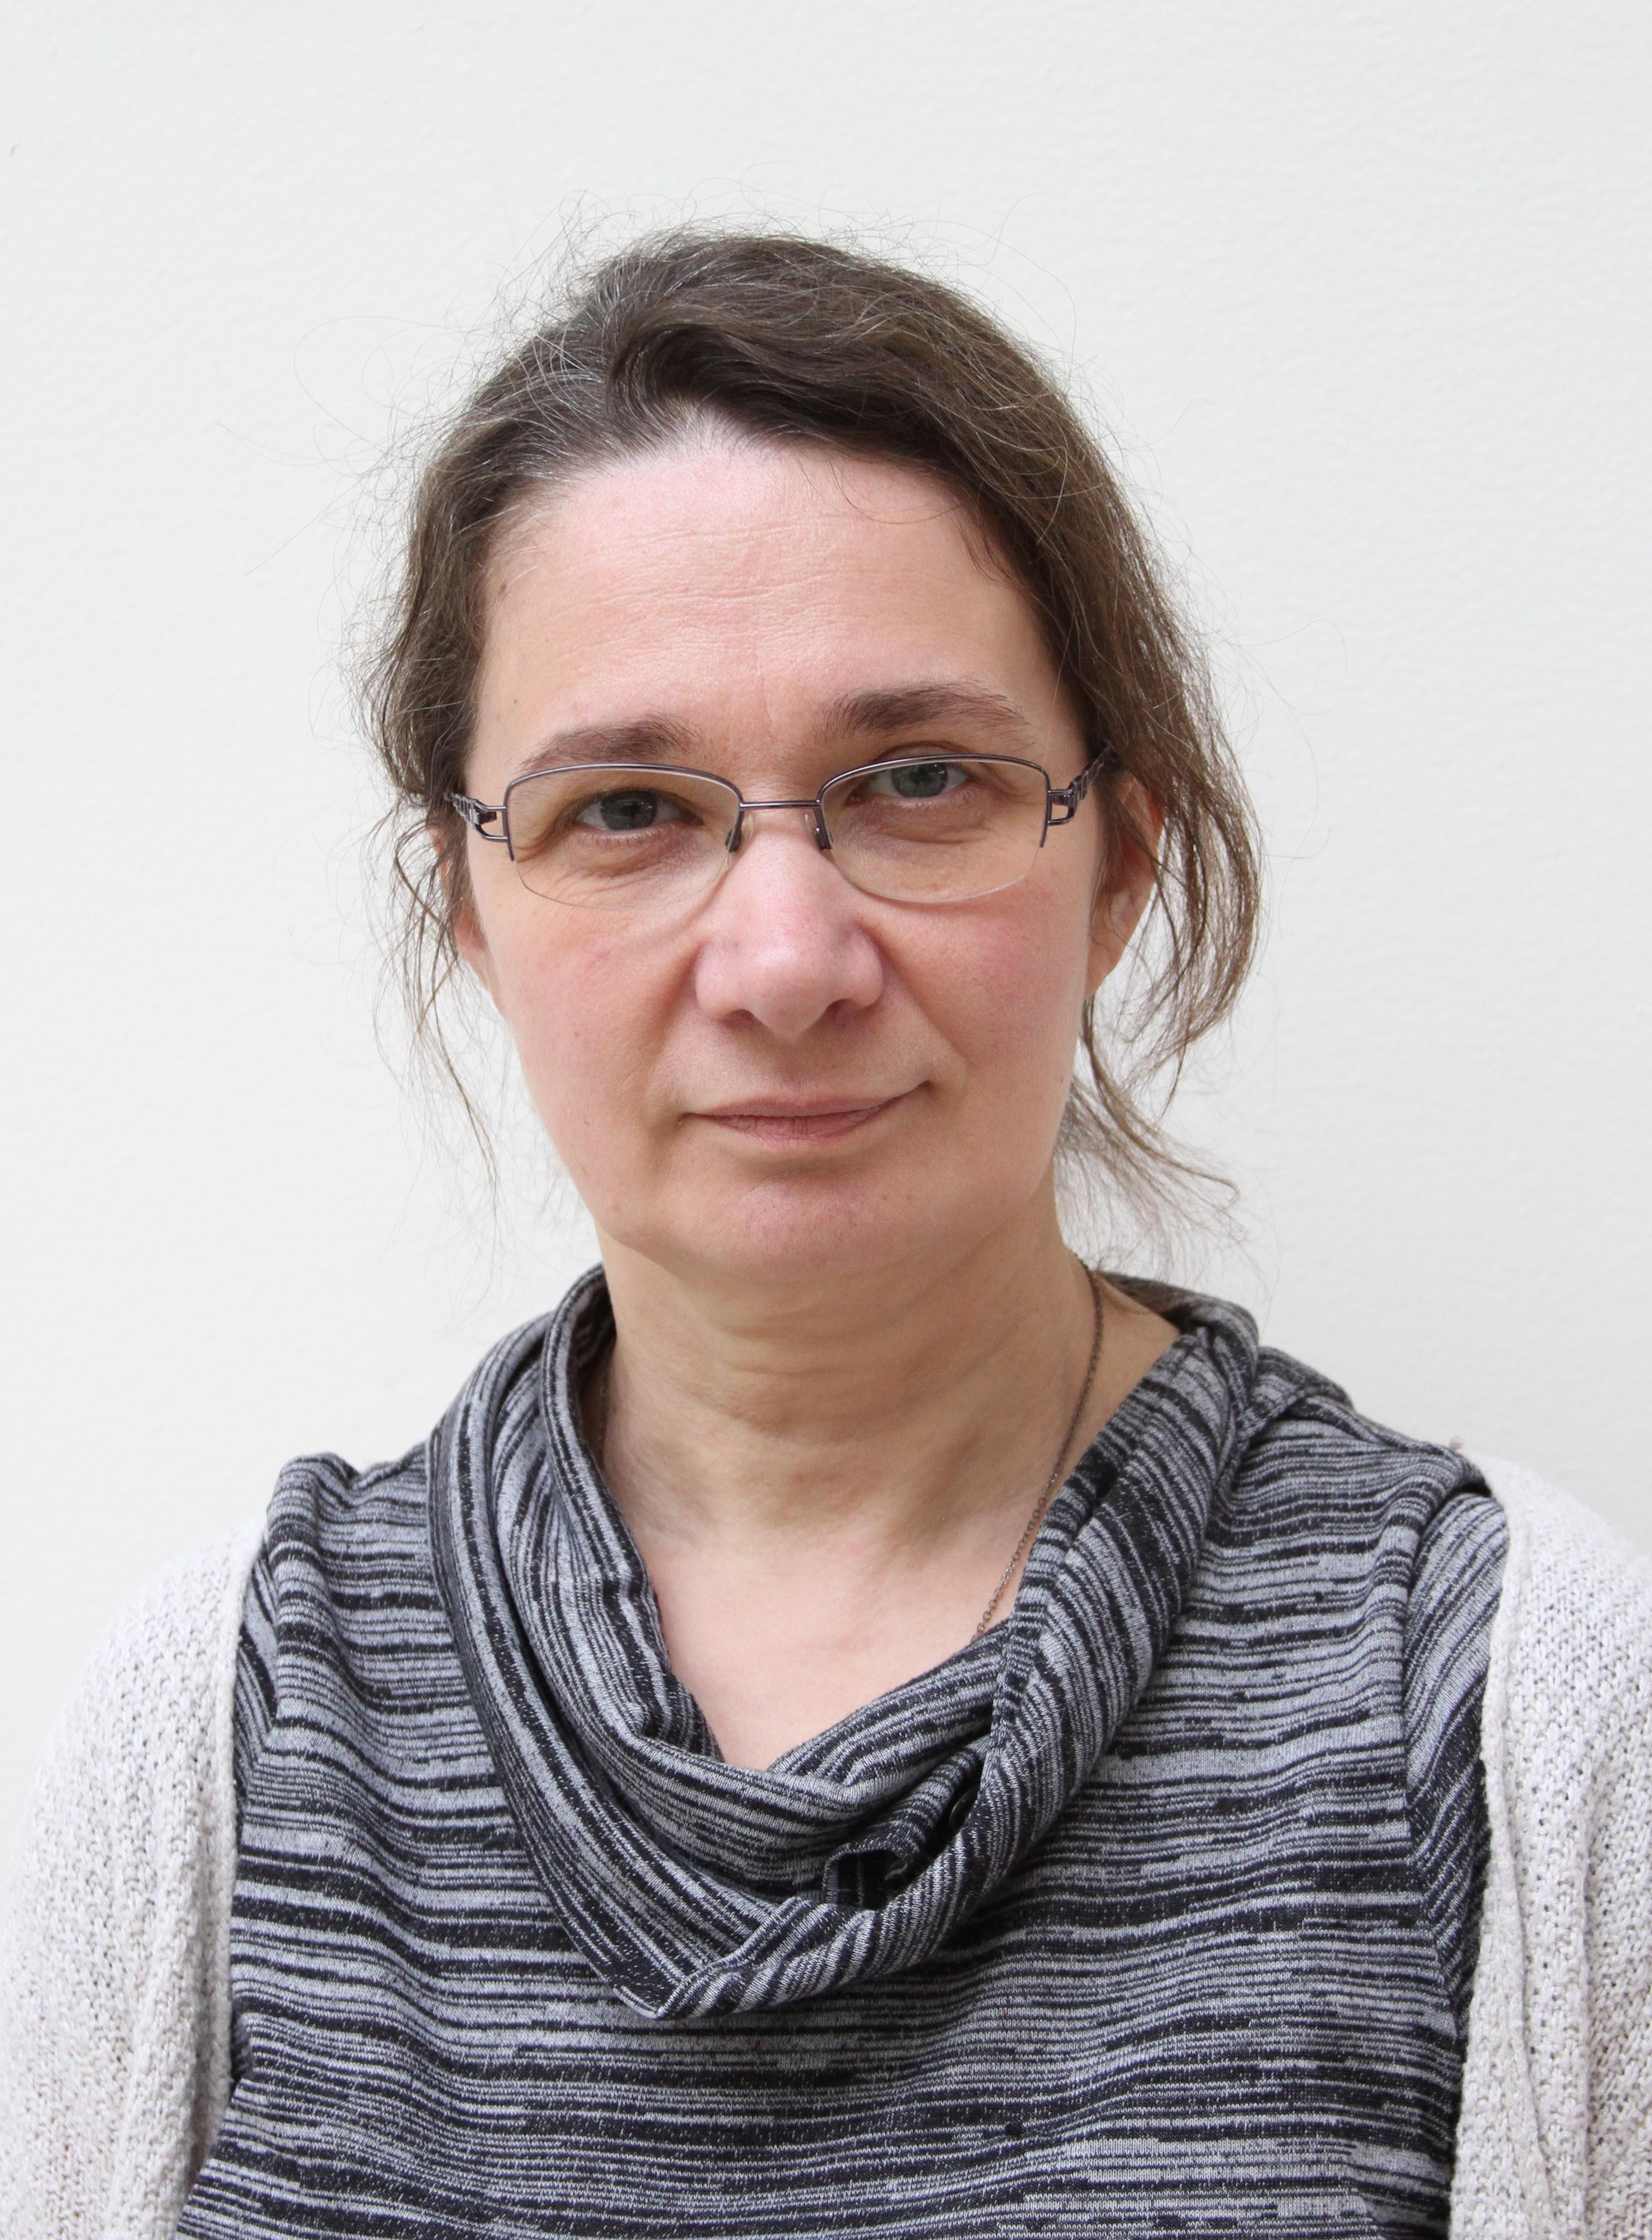 Natalia Andreev